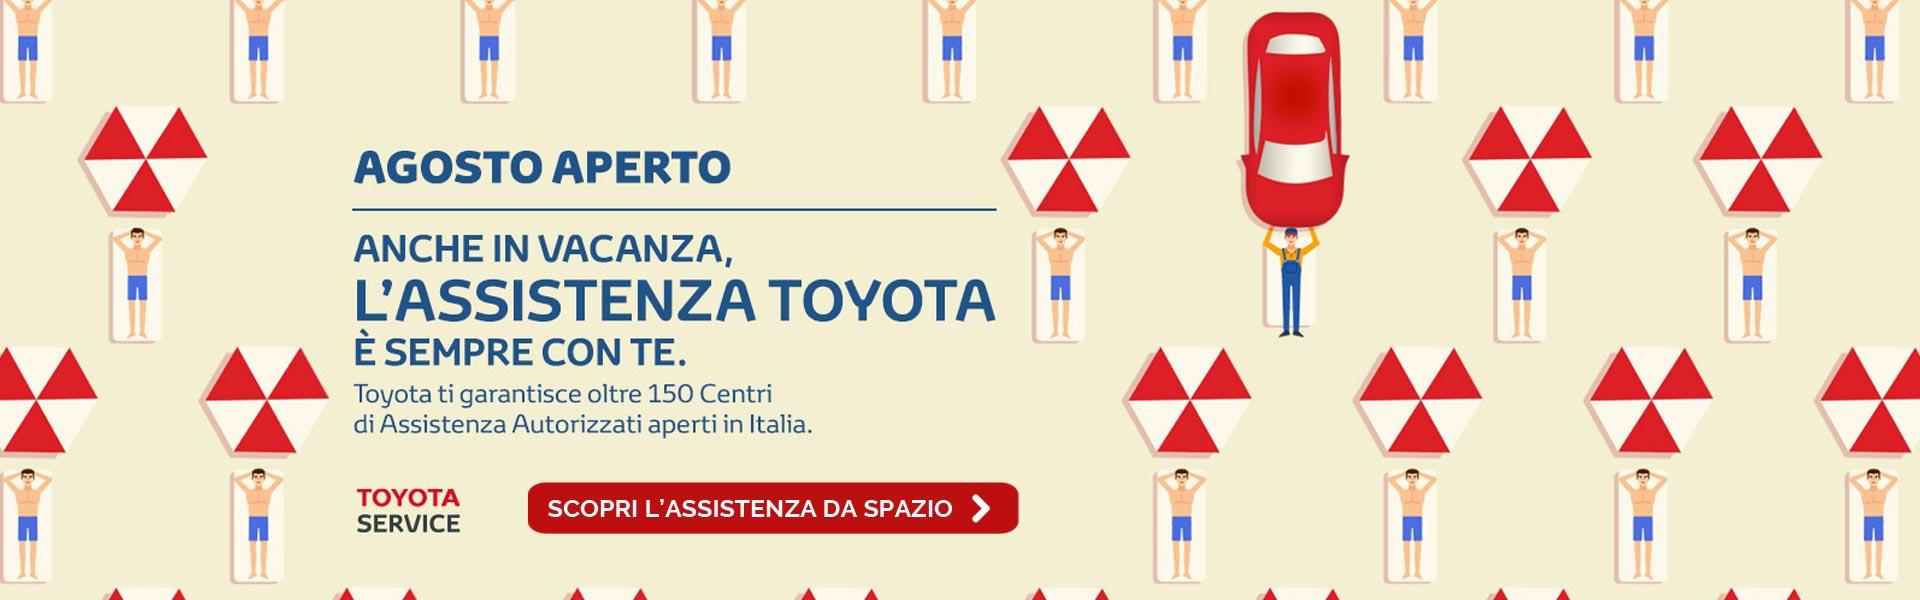 Iniziativa Agosto Aperto Assistenza Toyota